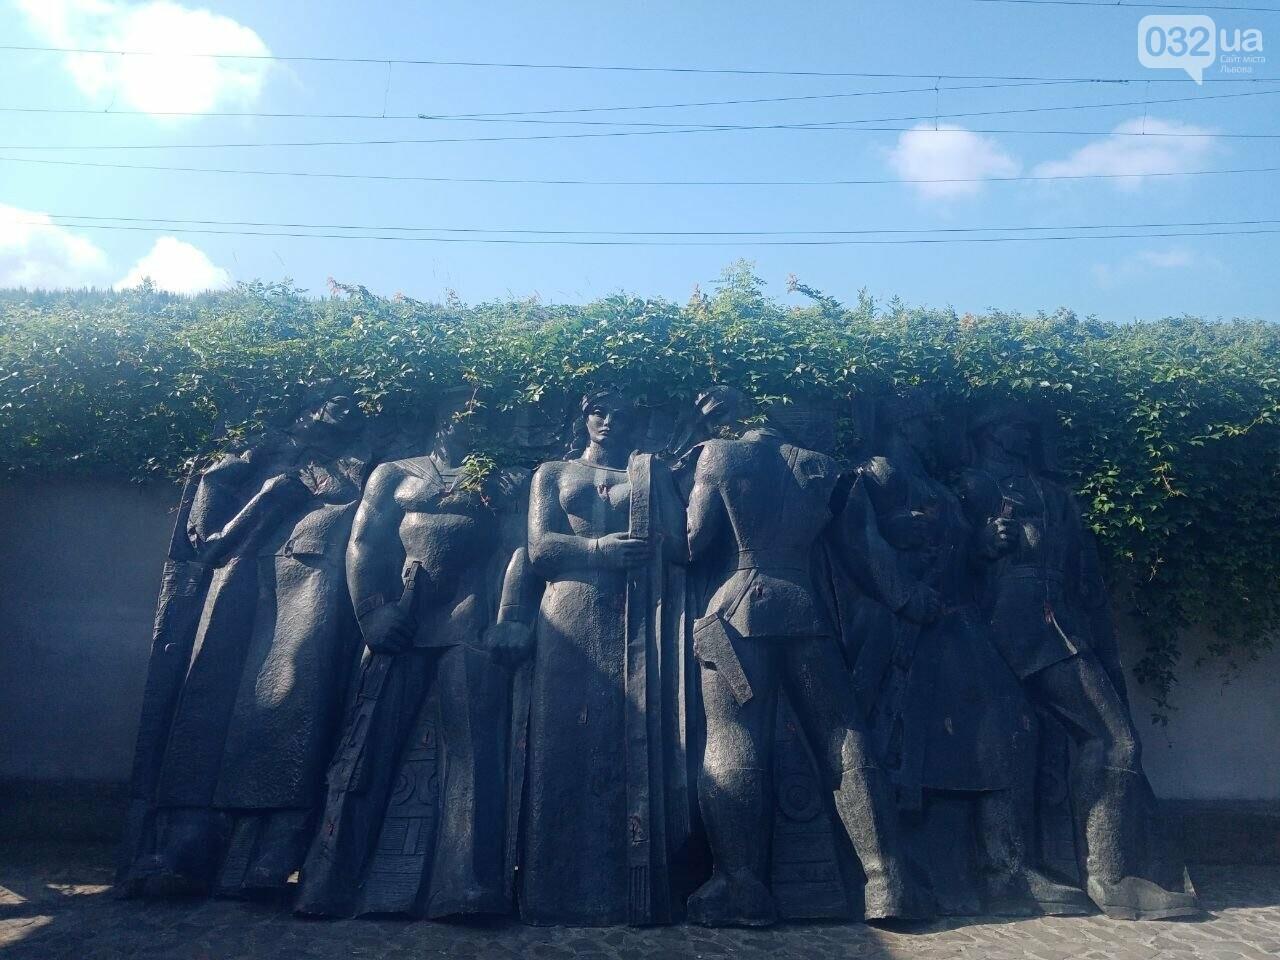 """""""Переселені"""" в музей """"Територія Терору"""" елементи Монументу слави, Фото: 032.ua"""